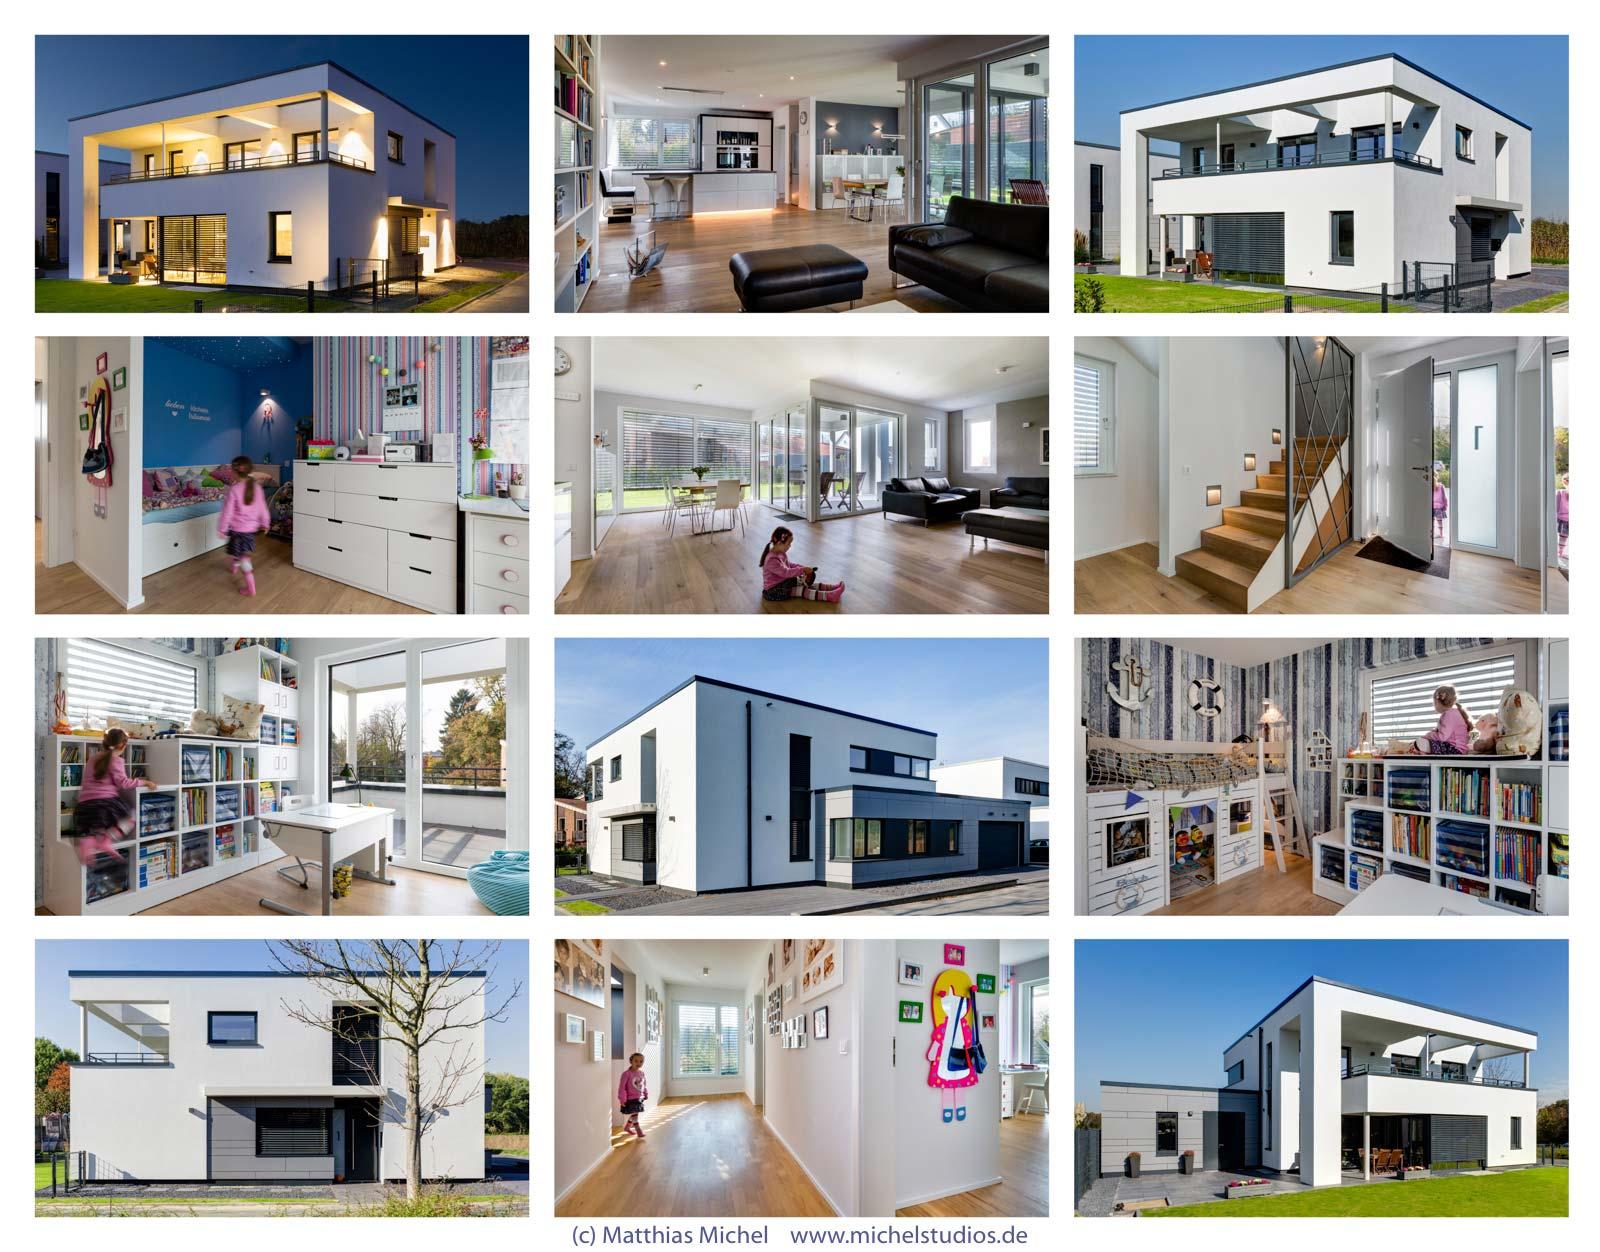 Architekturfoto Collage Wohnhaus Innenraumaufnahme und Außenaufnahme Tag und Nacht